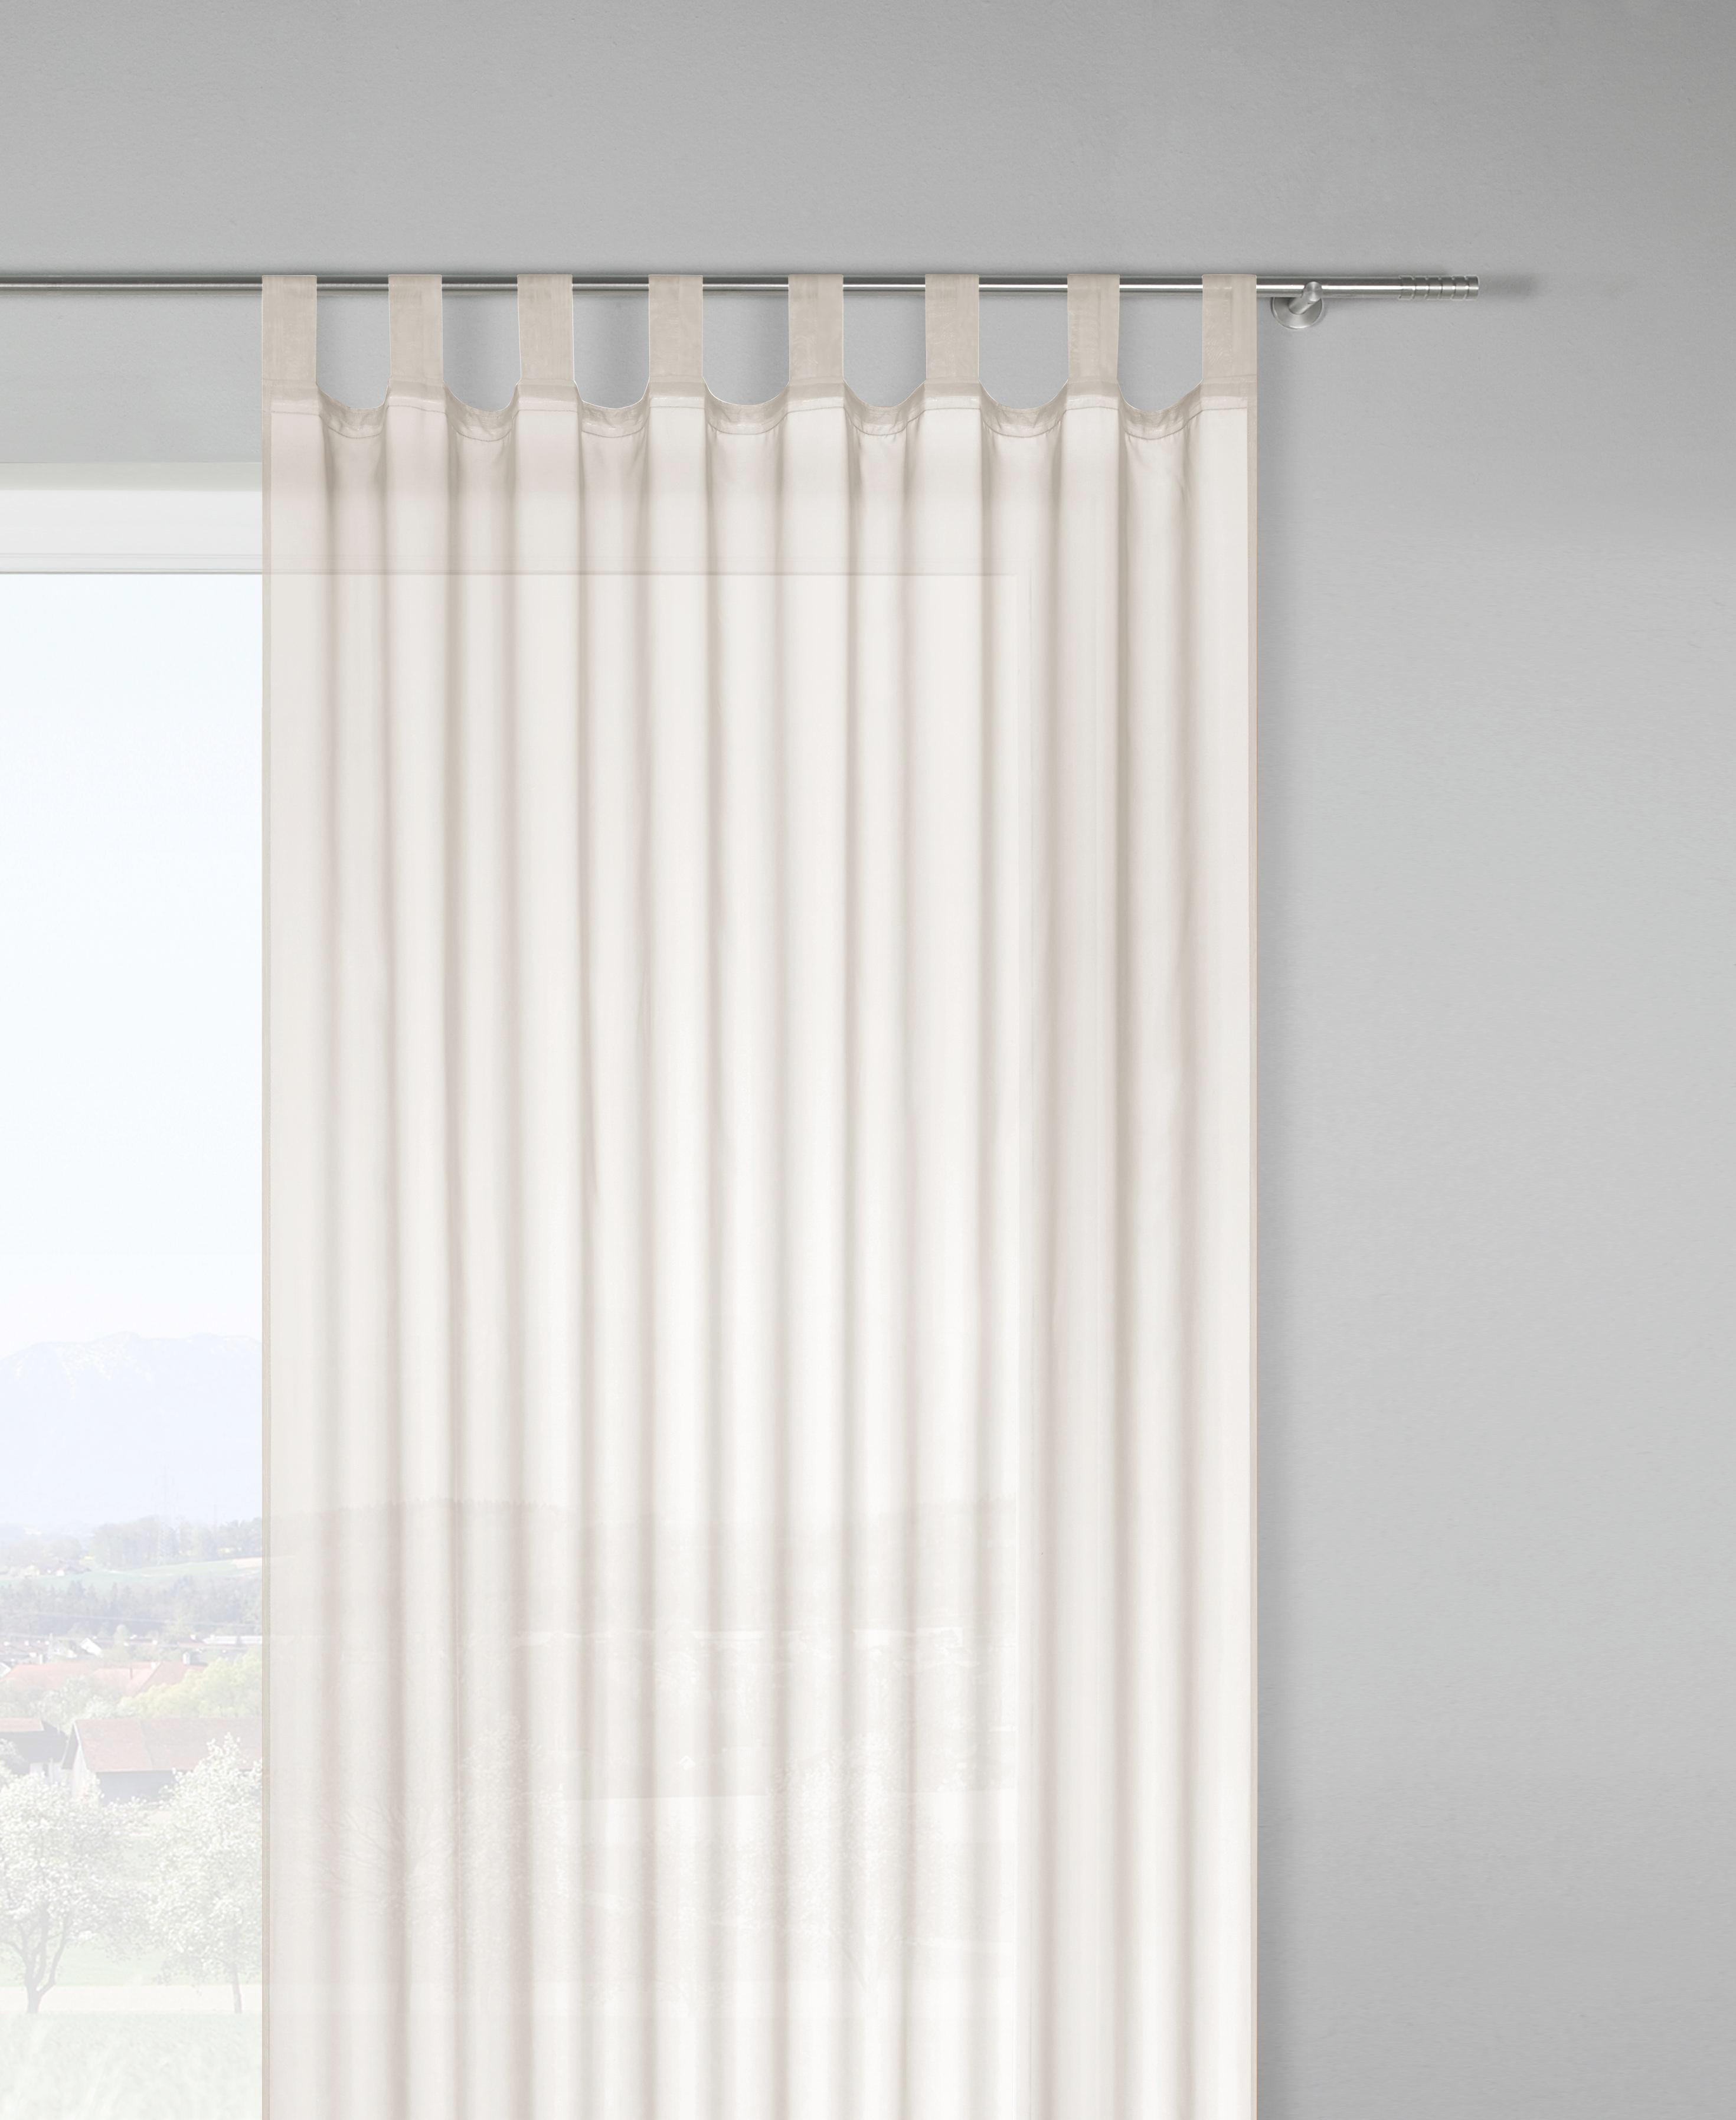 Schlaufenschal Hanna in Natur, ca. 140x245cm - Naturfarben, Textil (140/245cm) - MÖMAX modern living